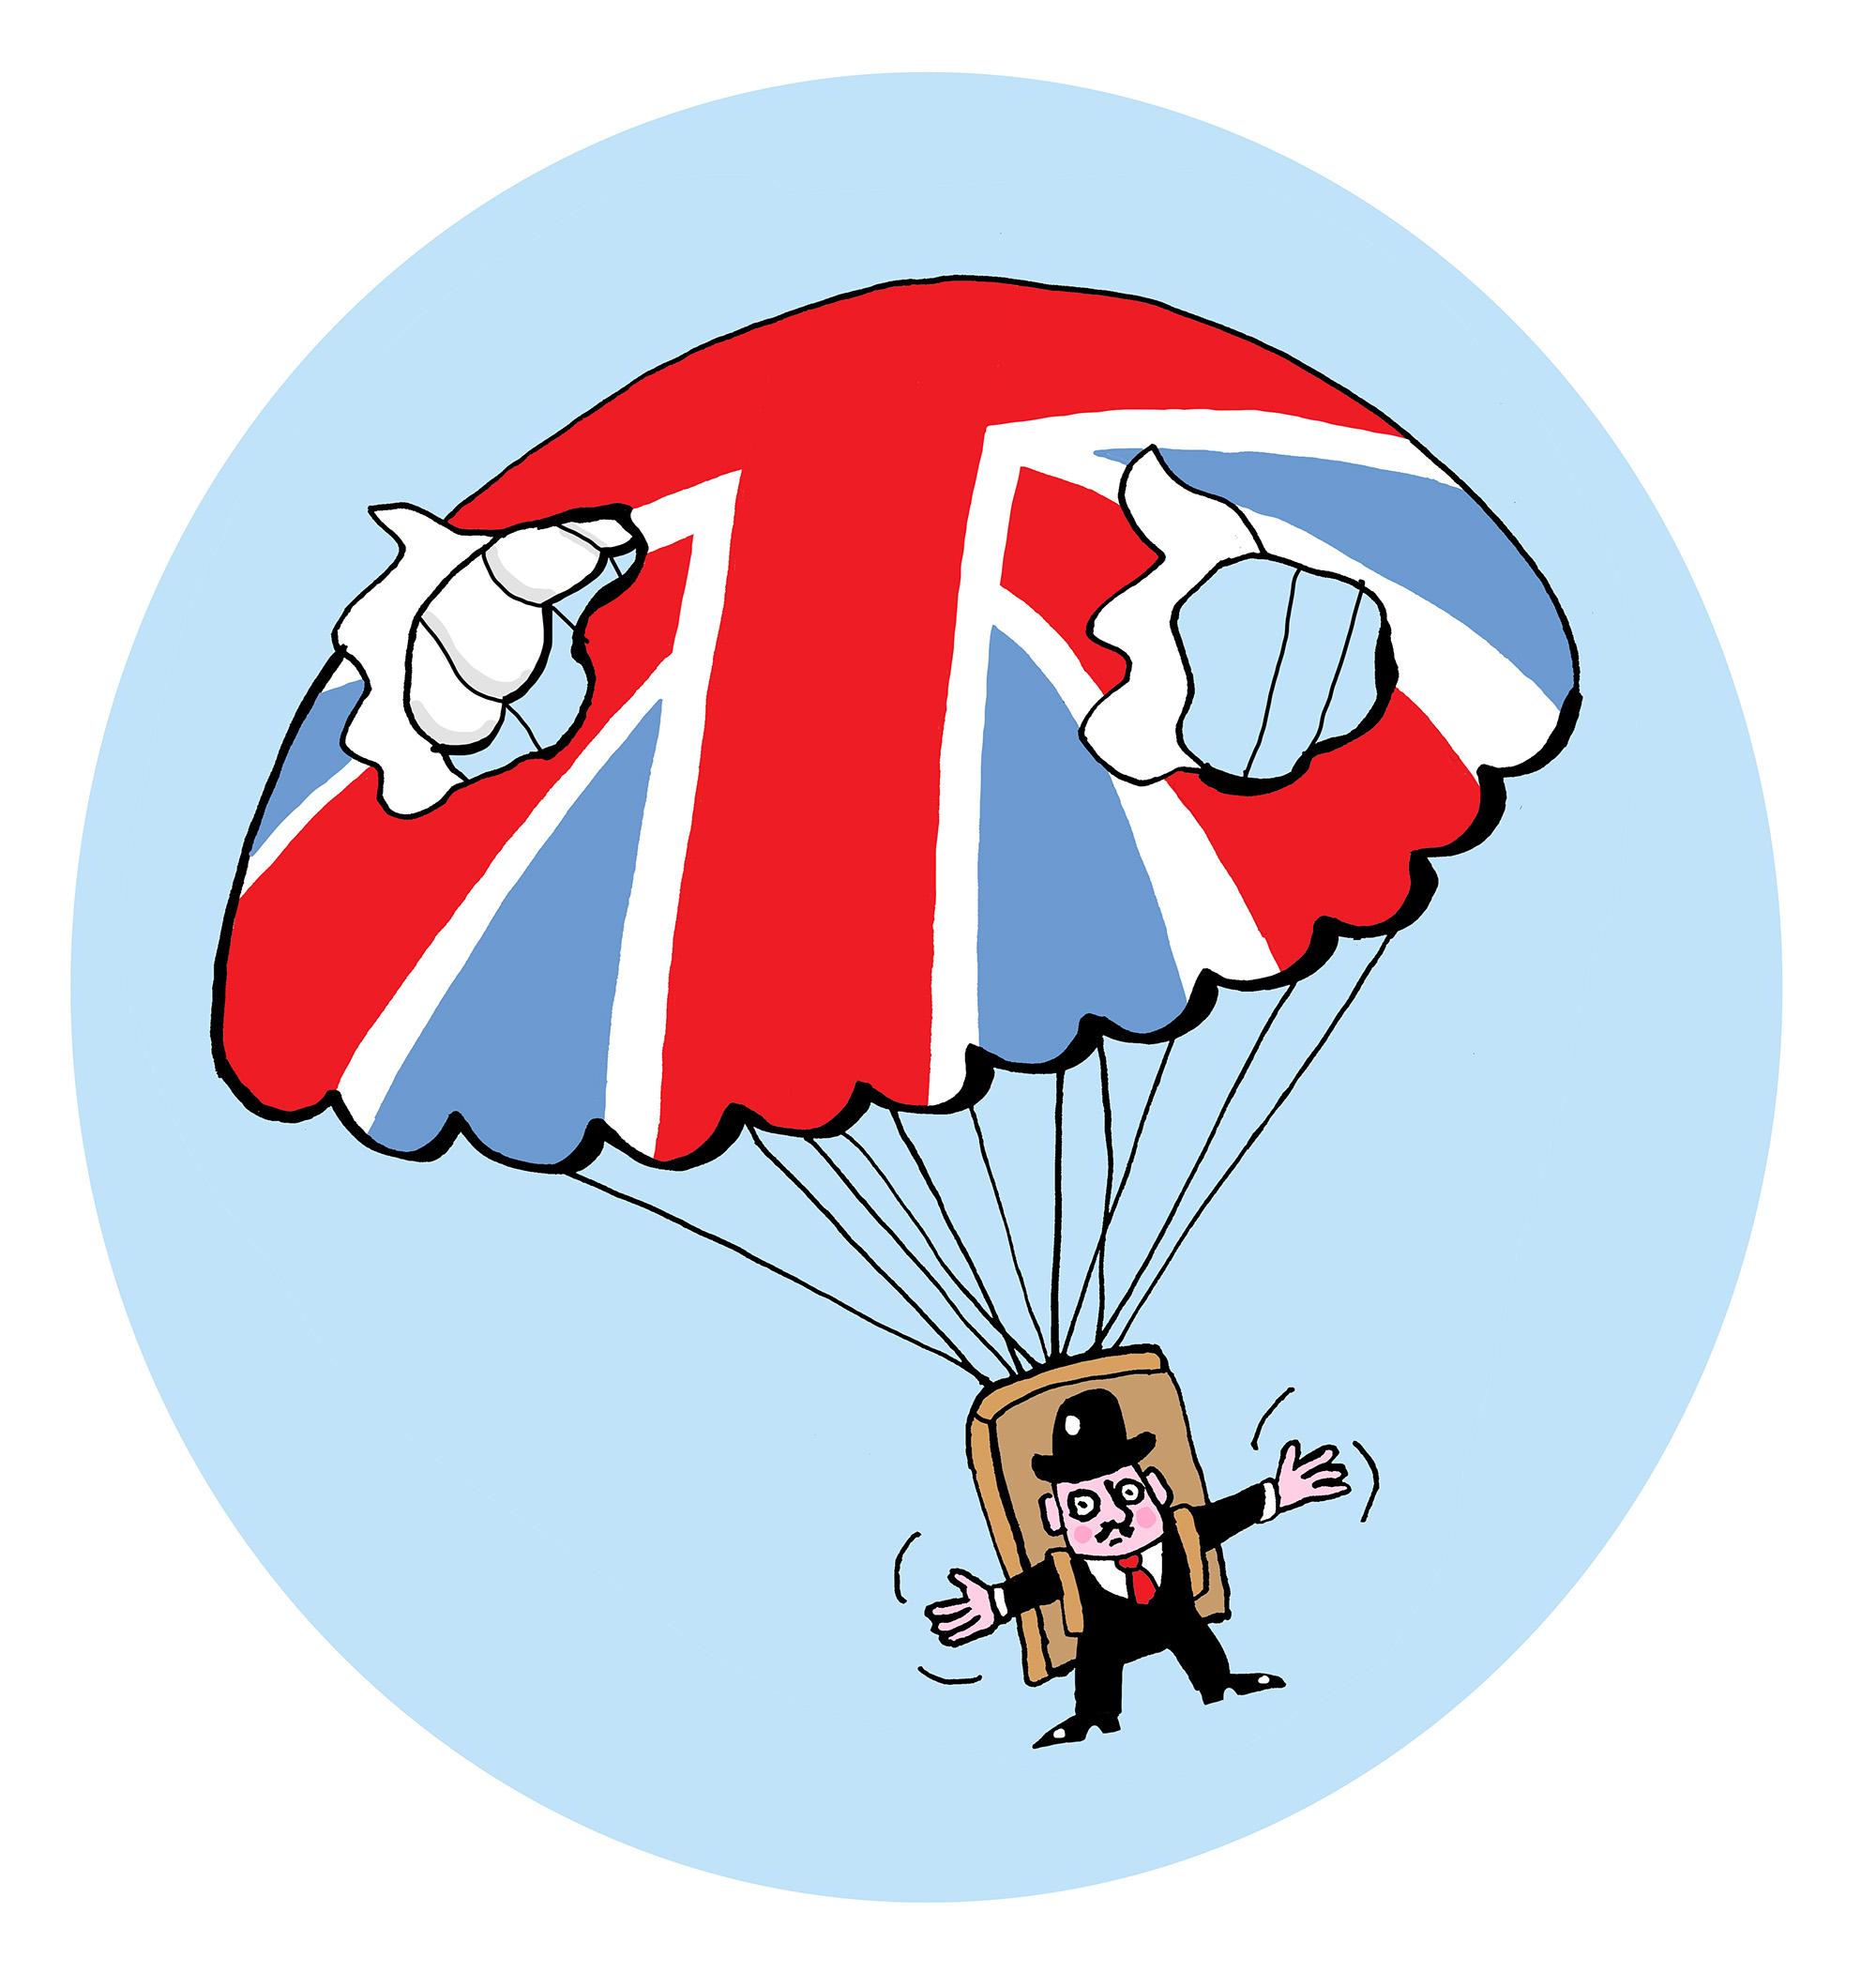 em-brexit parachutte